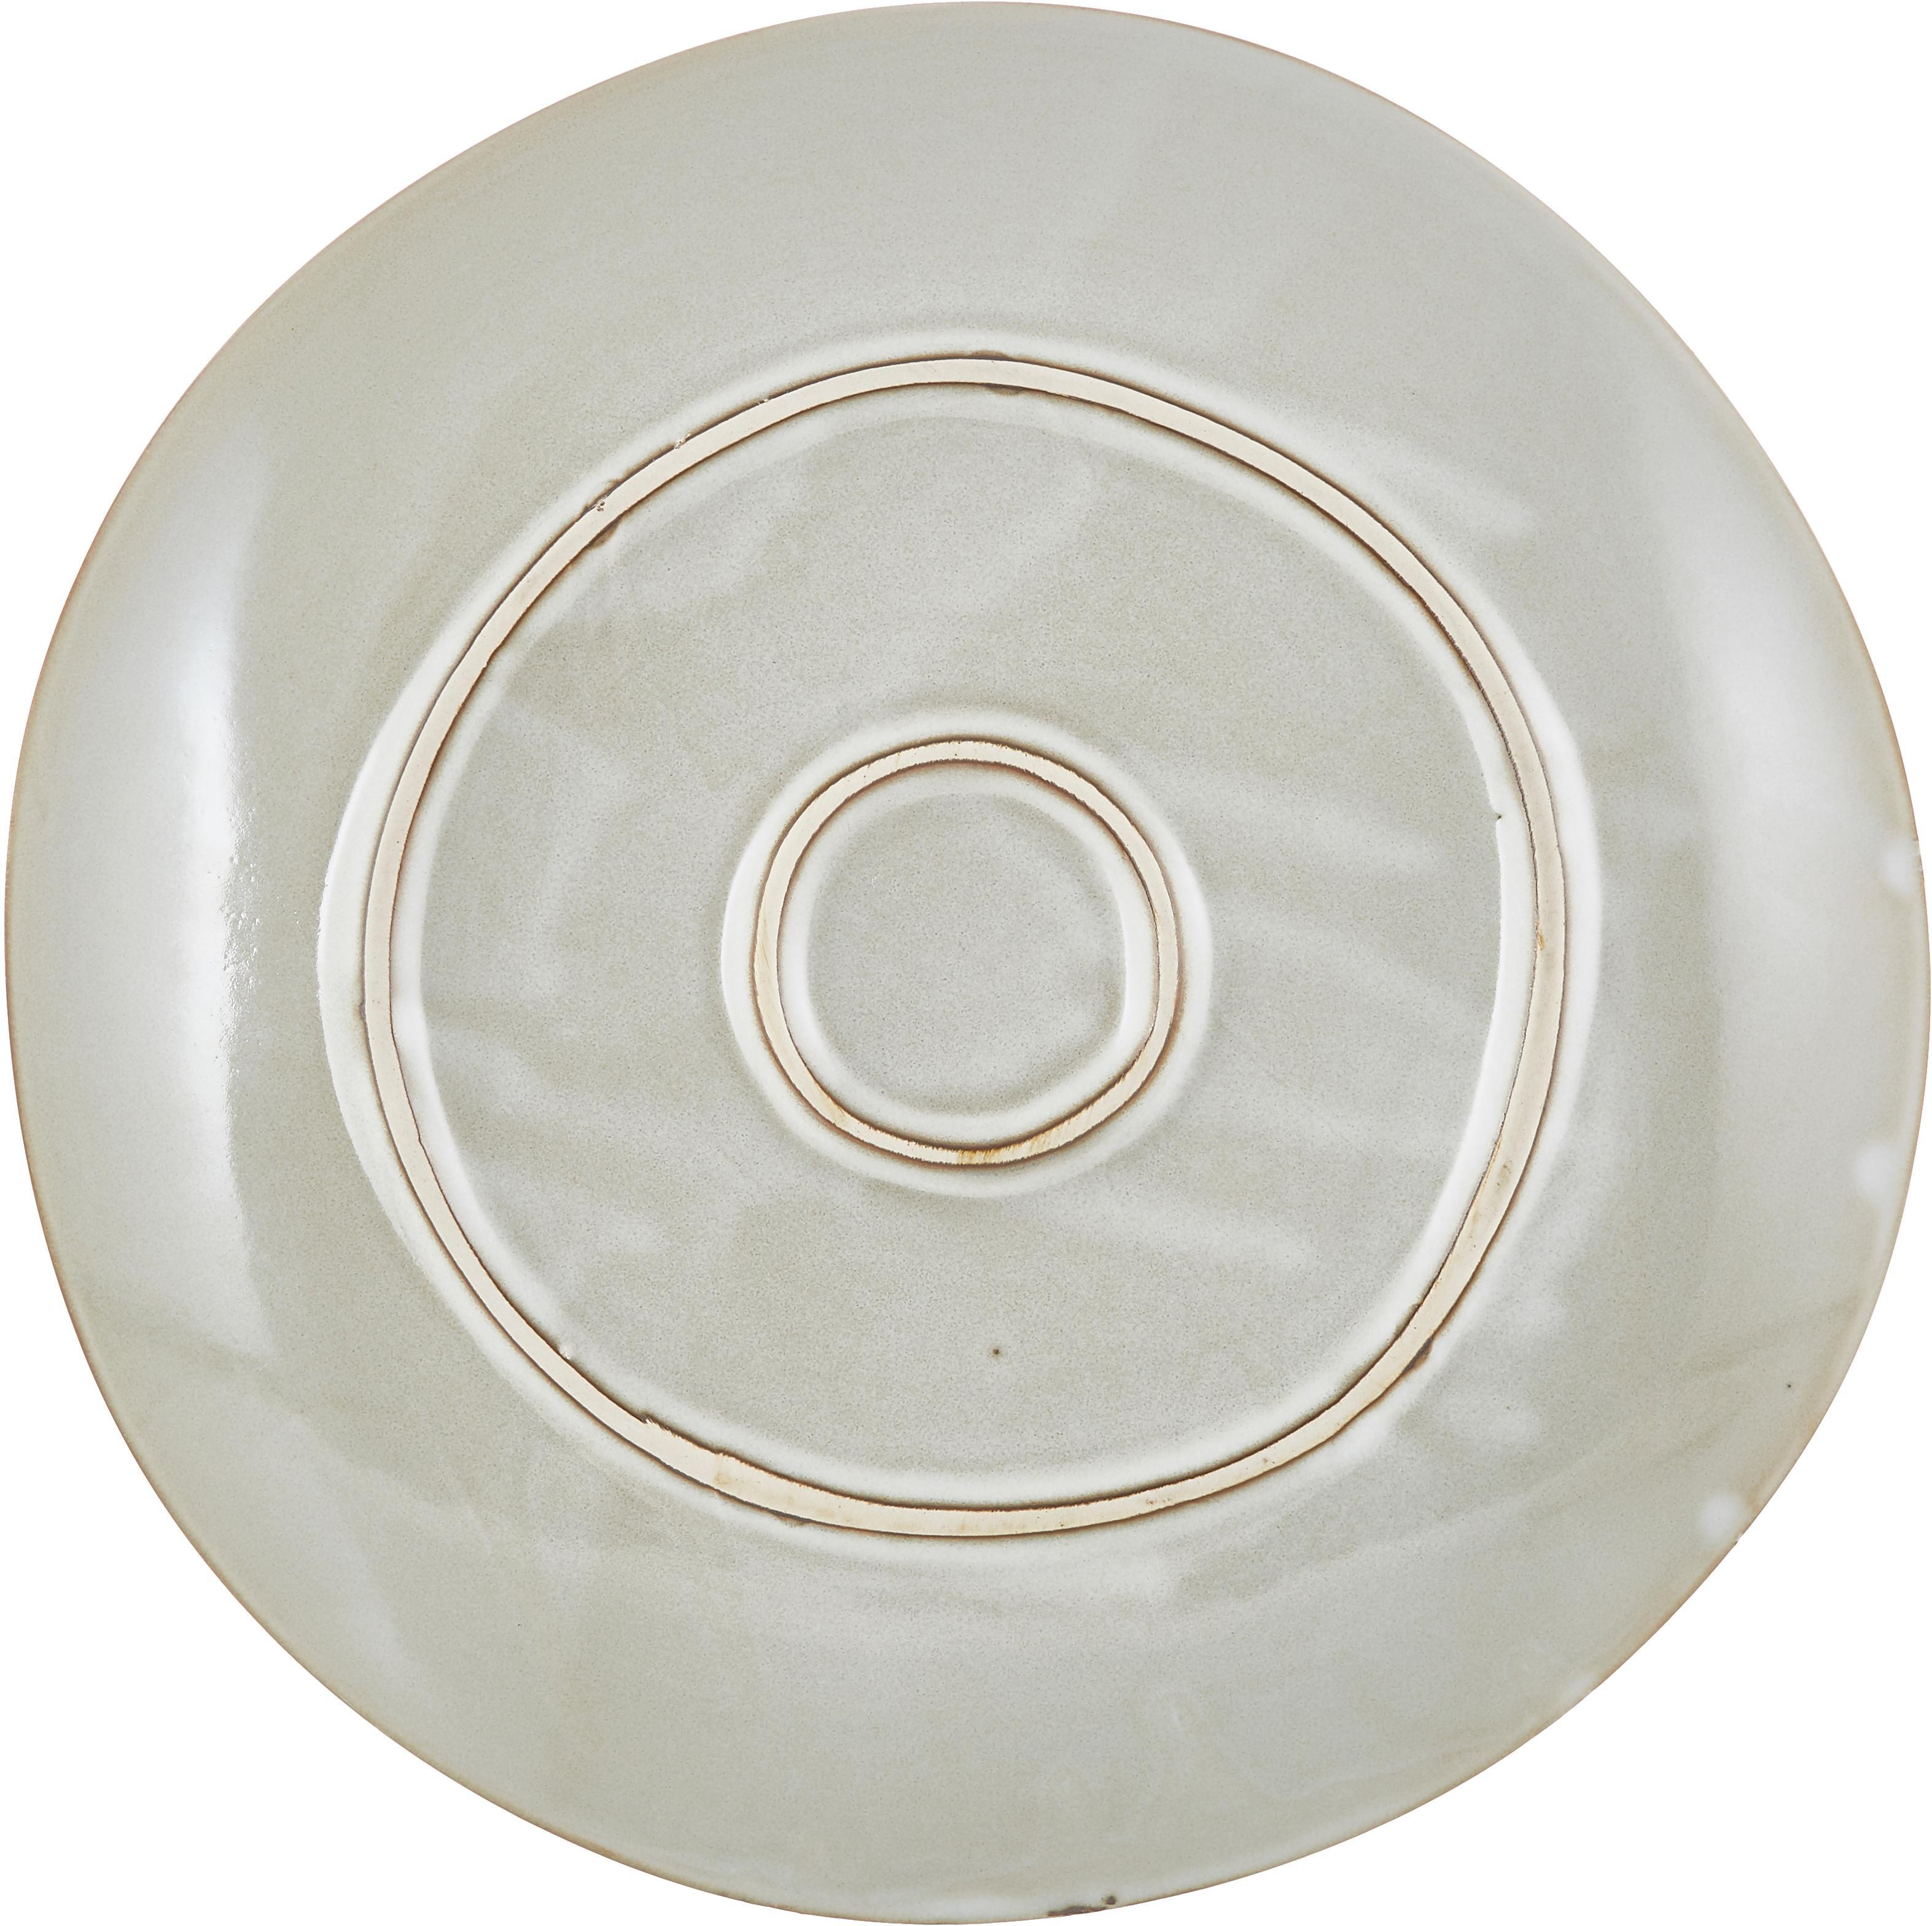 Platos llanos artesanales Thalia, 2uds., Gres, Beige, Ø 27 cm